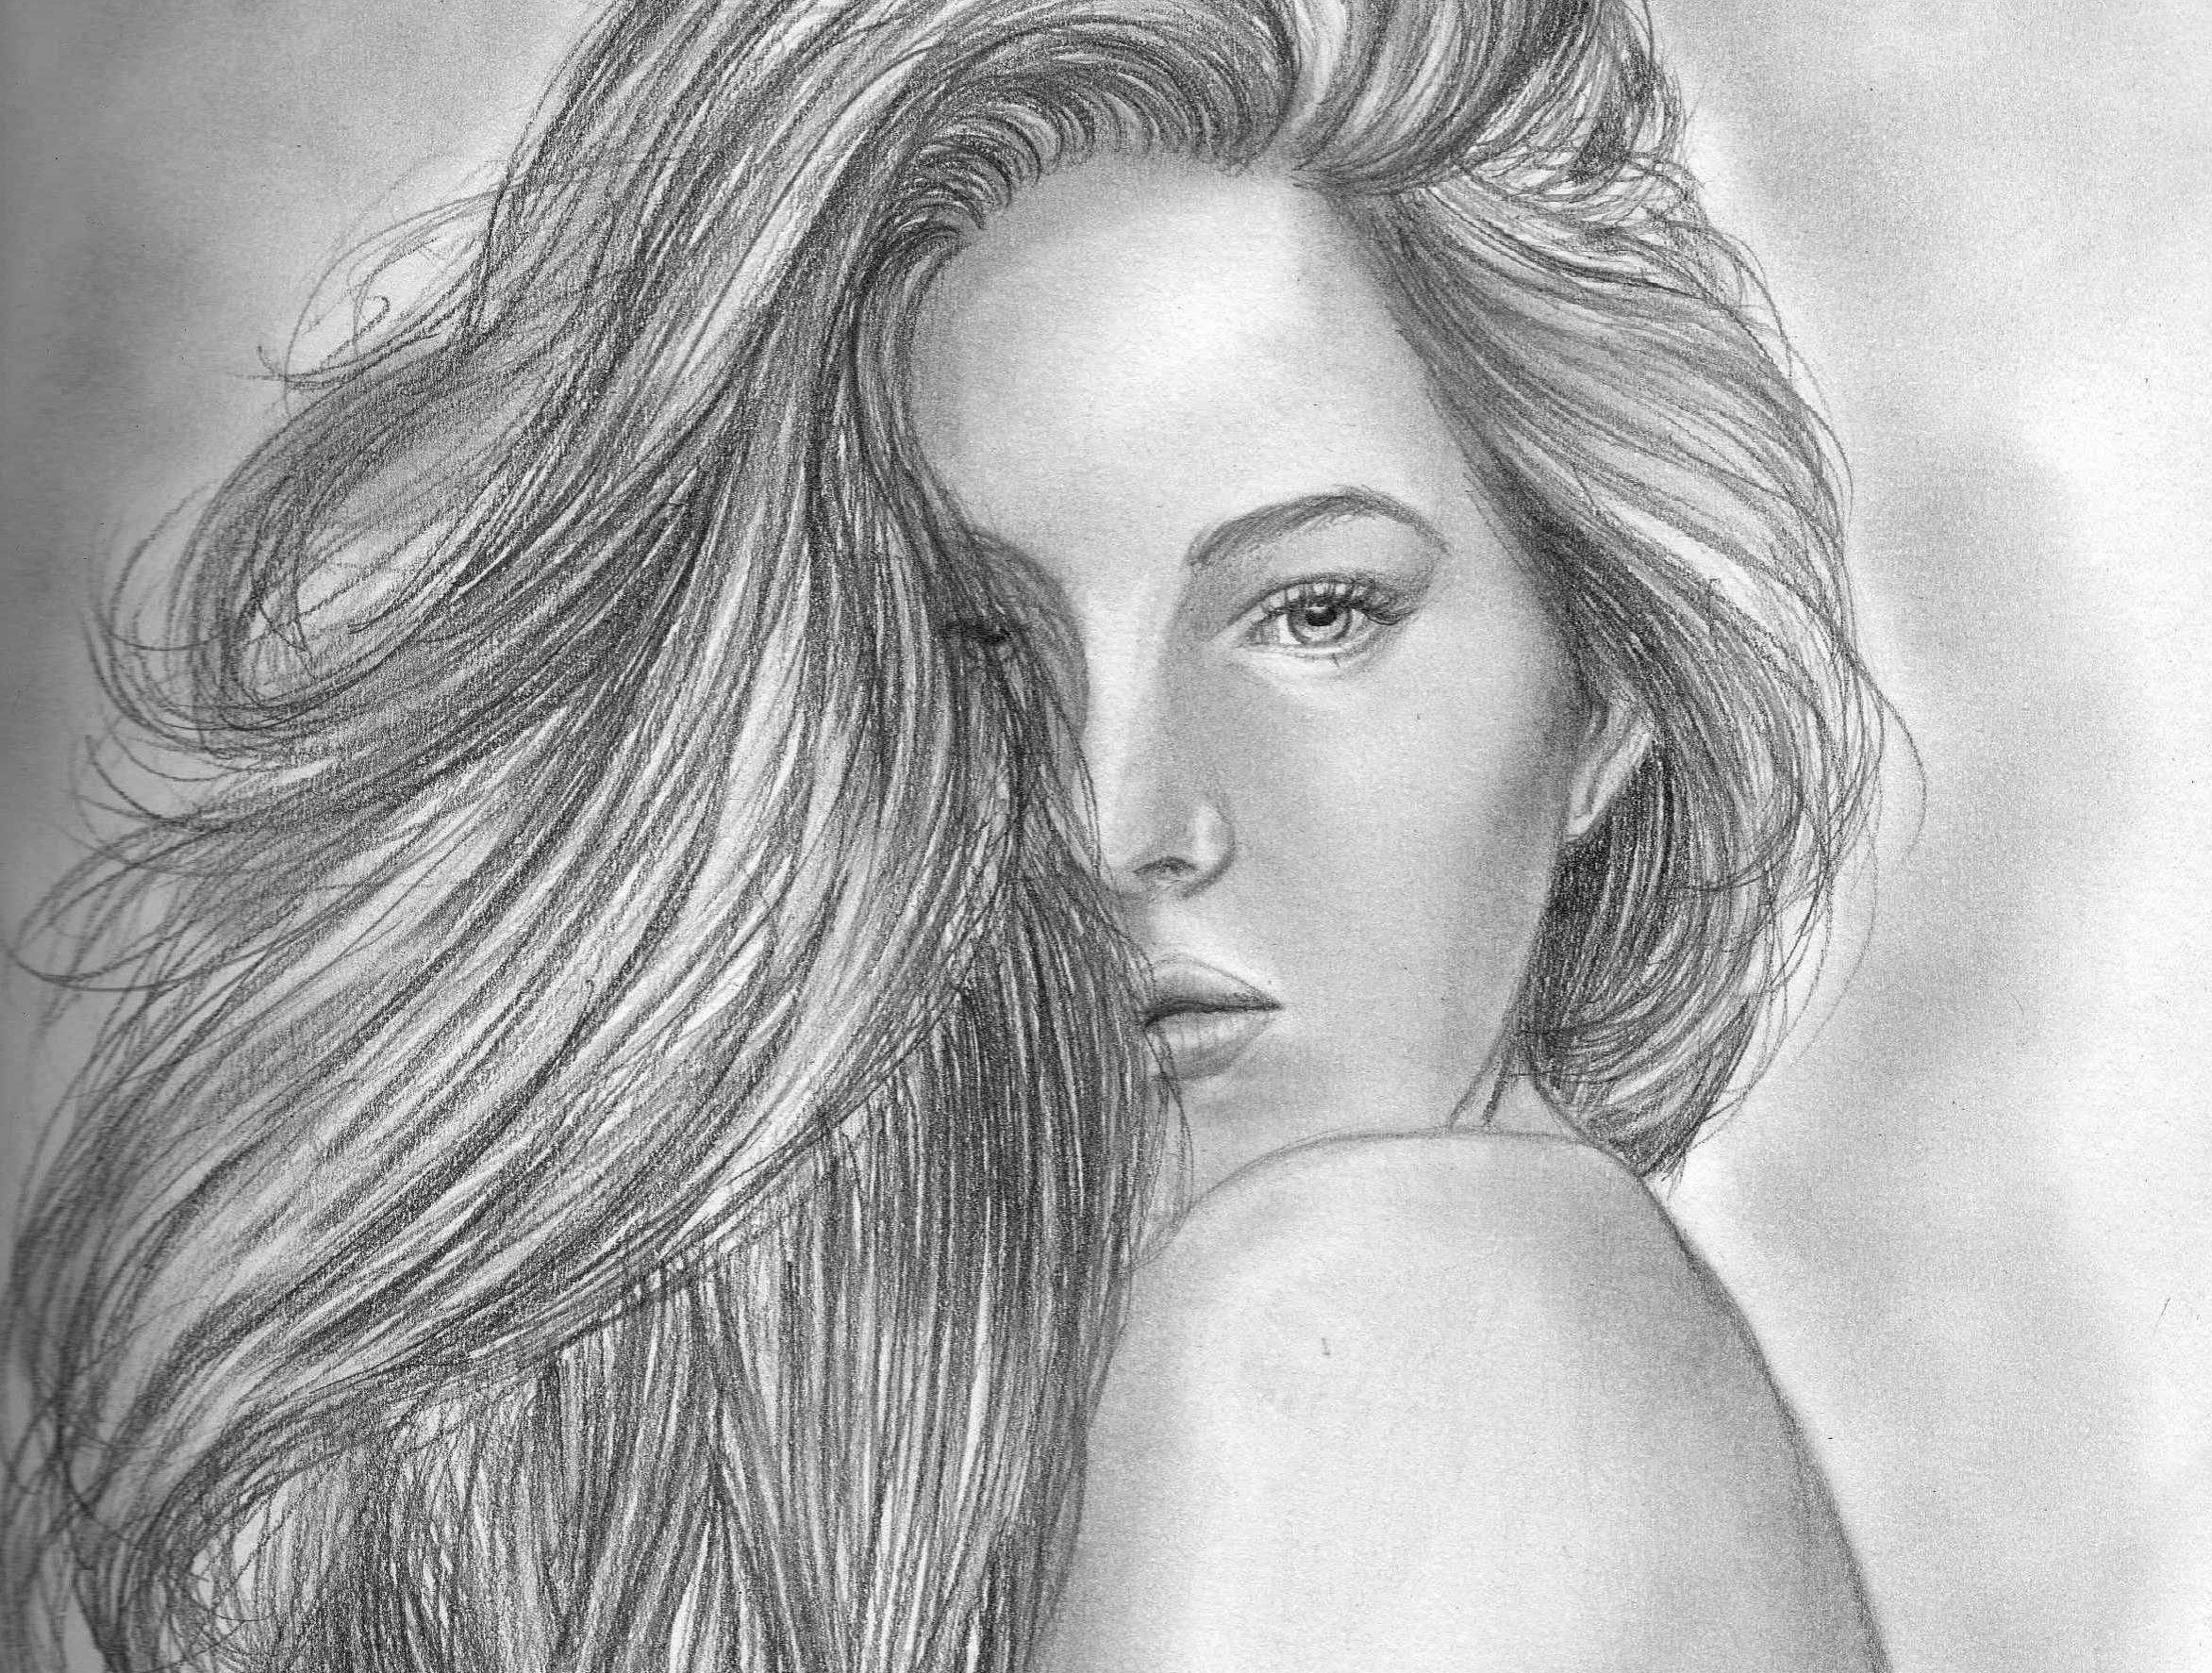 Девушка нарисованная простым карандашом